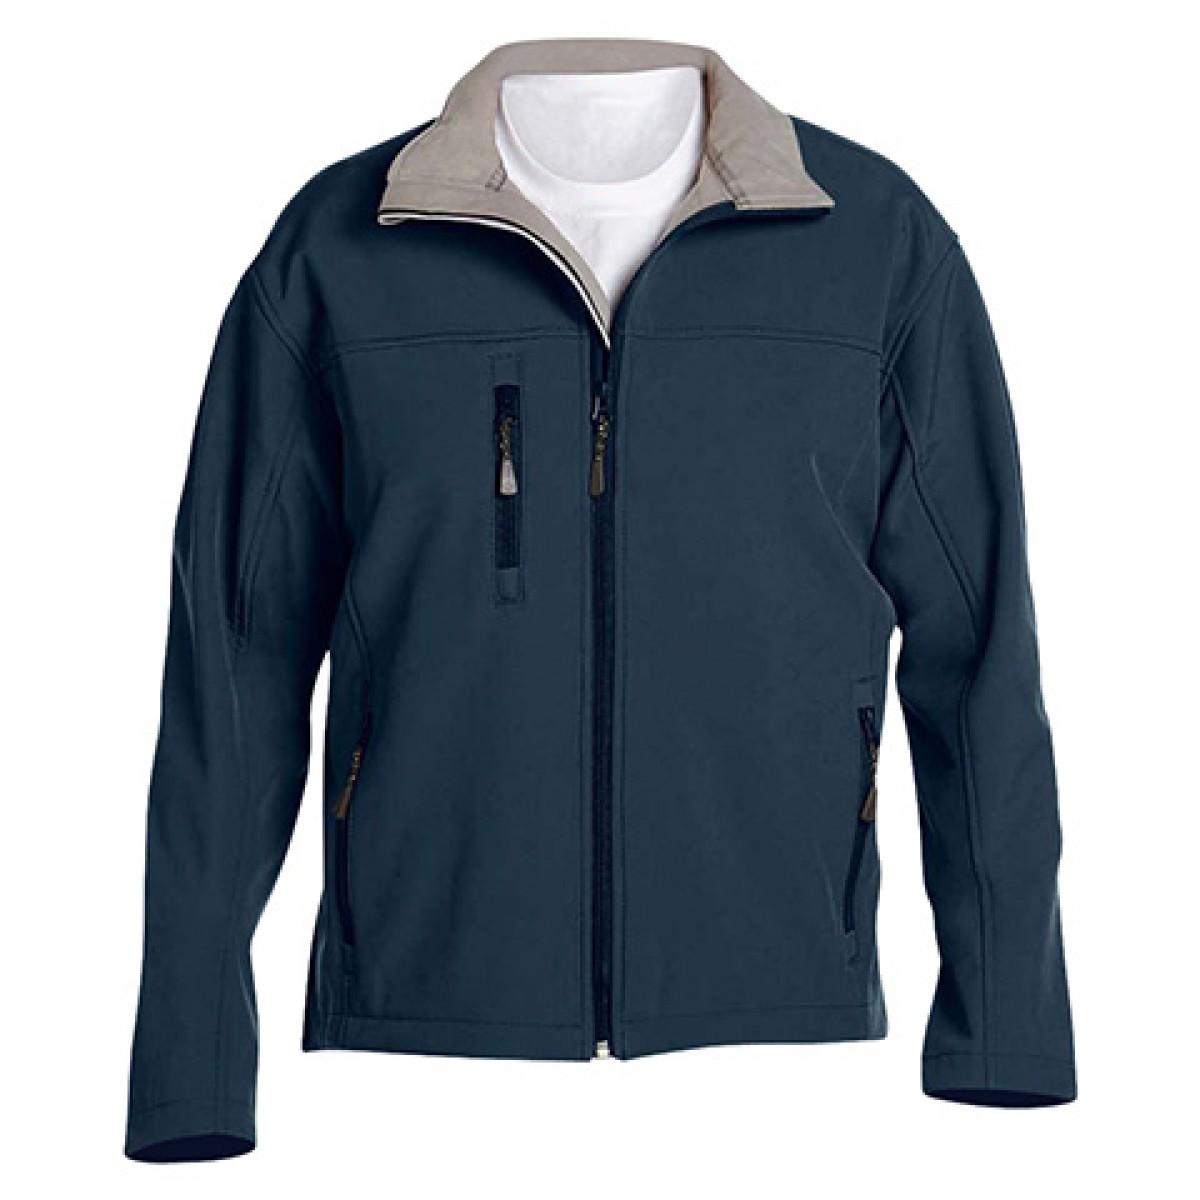 Men's Soft Shell Jacket-Navy-3XL